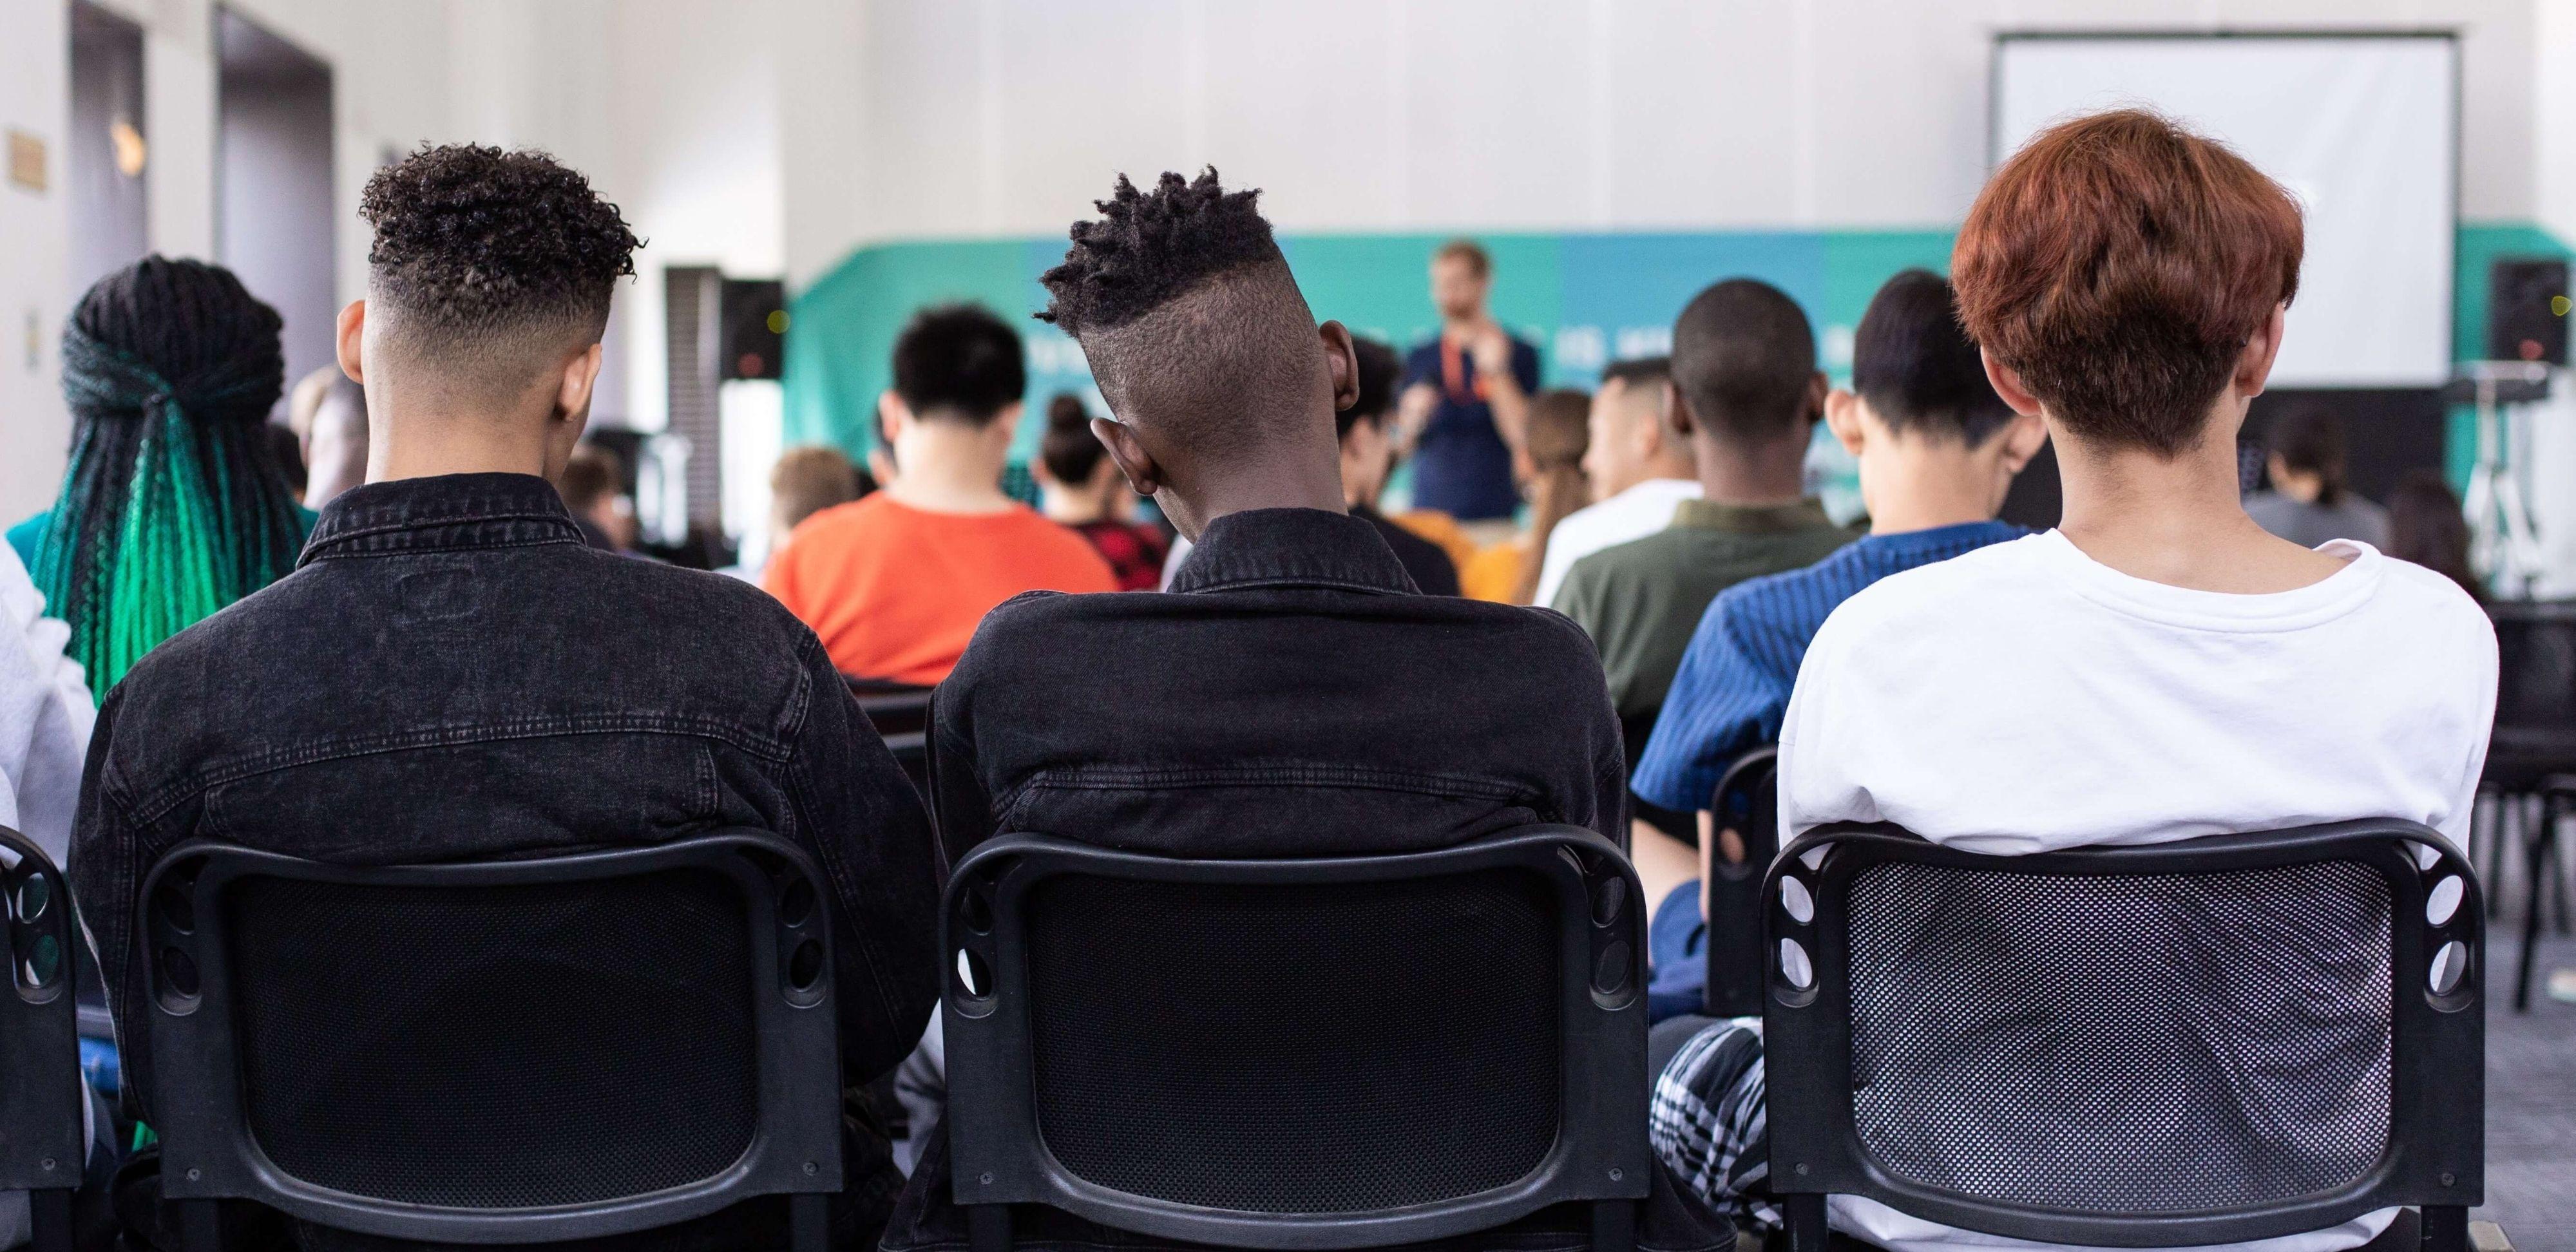 simulado de escola: alunos reunidos em sala de aula